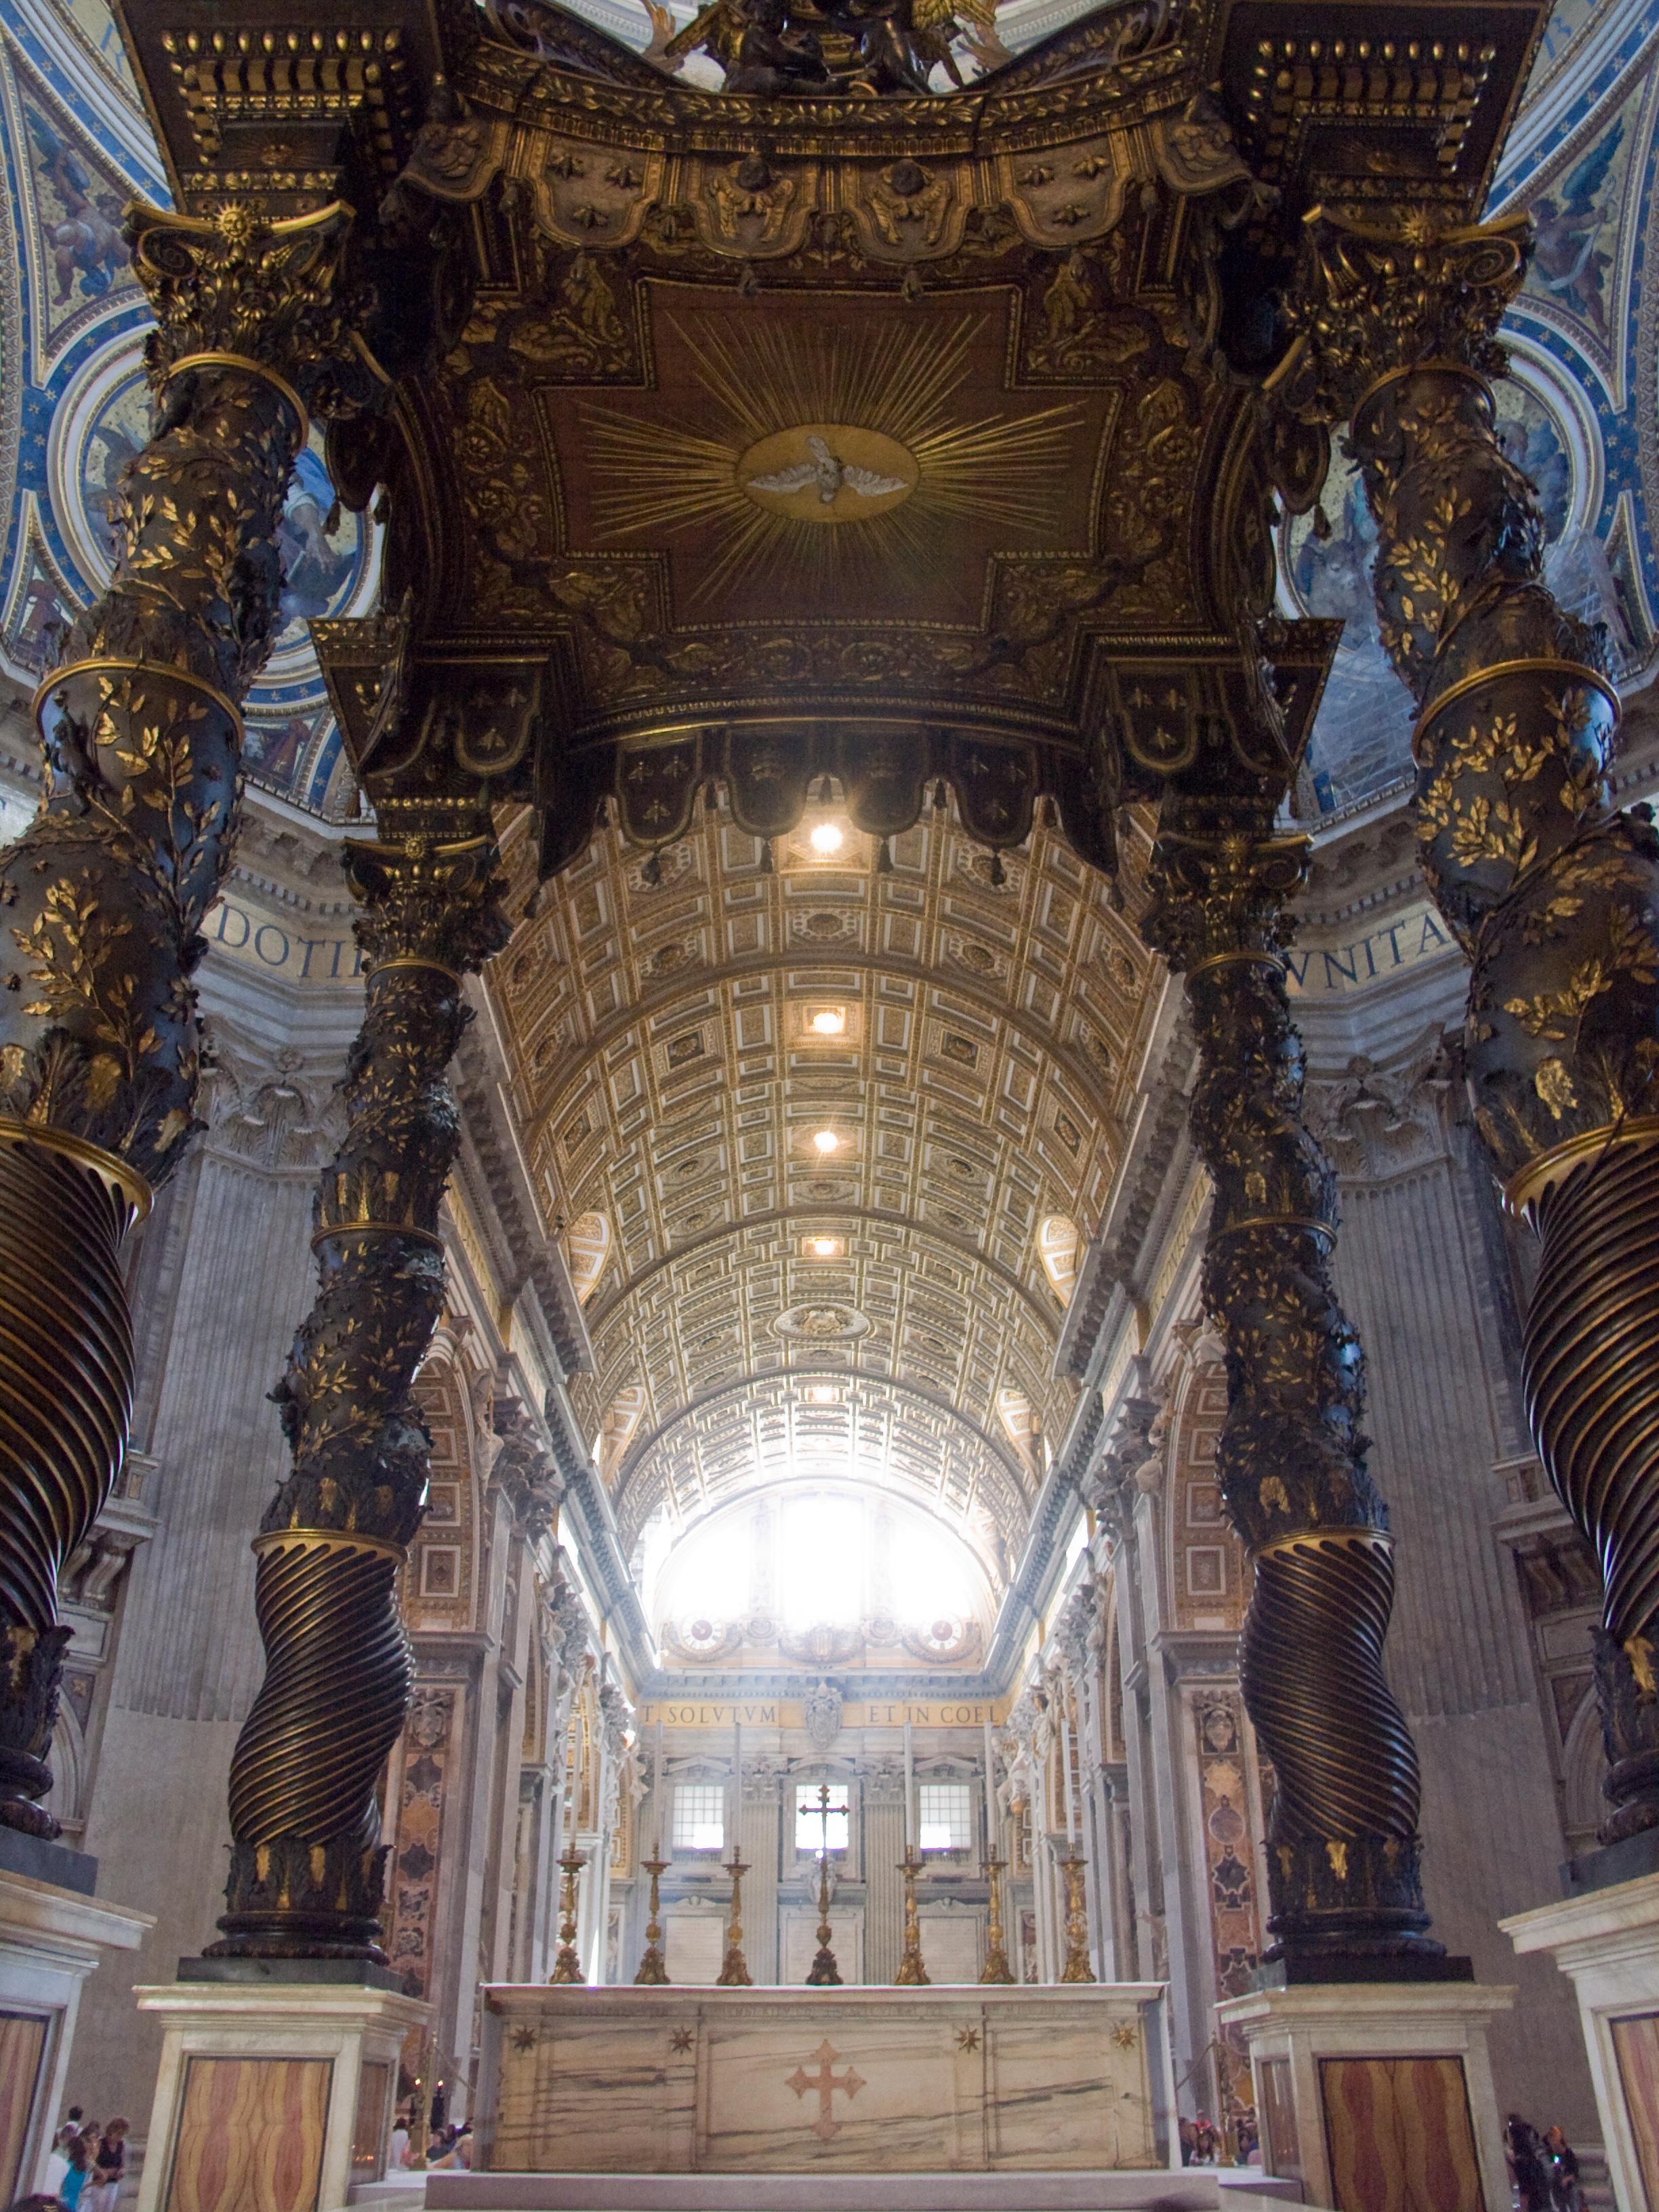 https://upload.wikimedia.org/wikipedia/commons/d/d0/Vatican-StPierre-Interieur.jpg